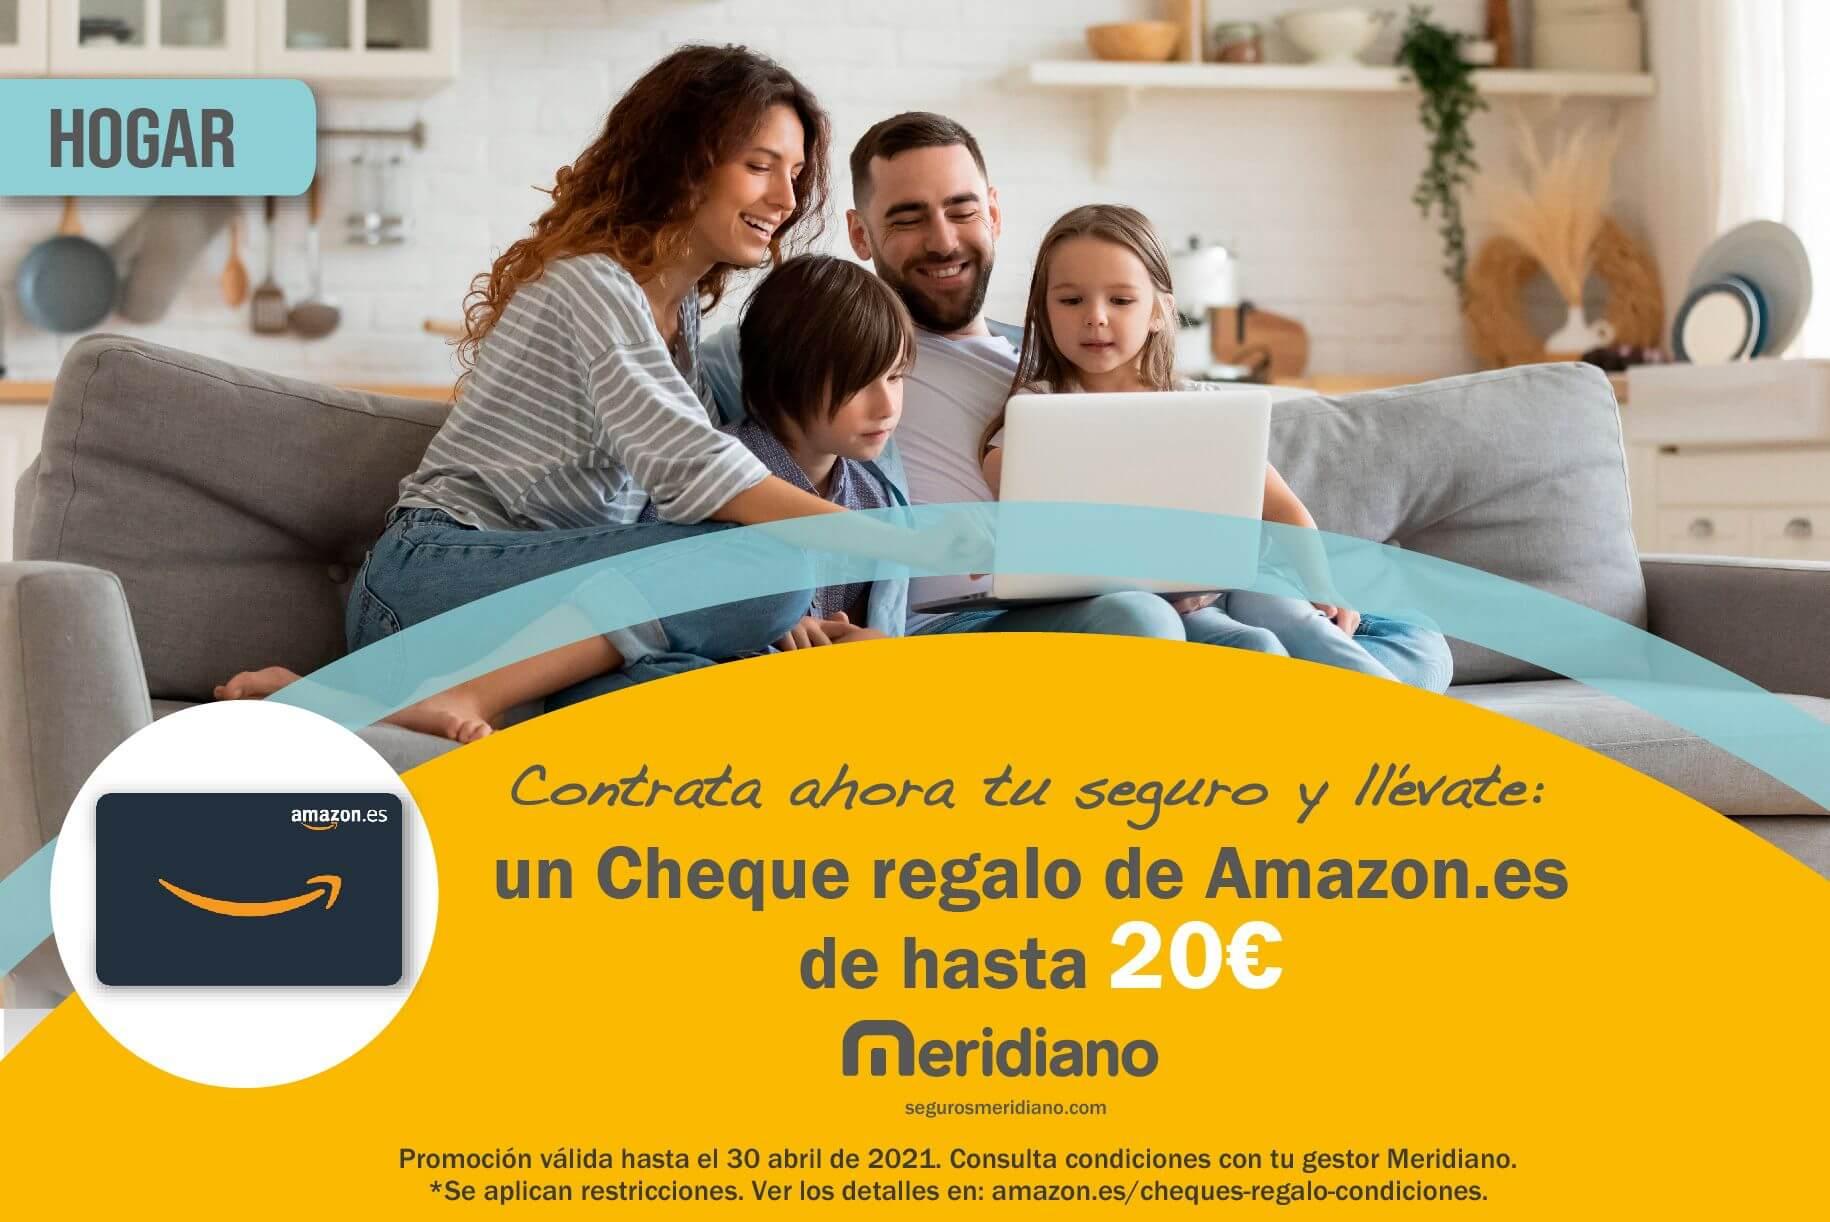 Llévate con tu seguro de hogar un Cheque regalo de Amazon.es de hasta 20€